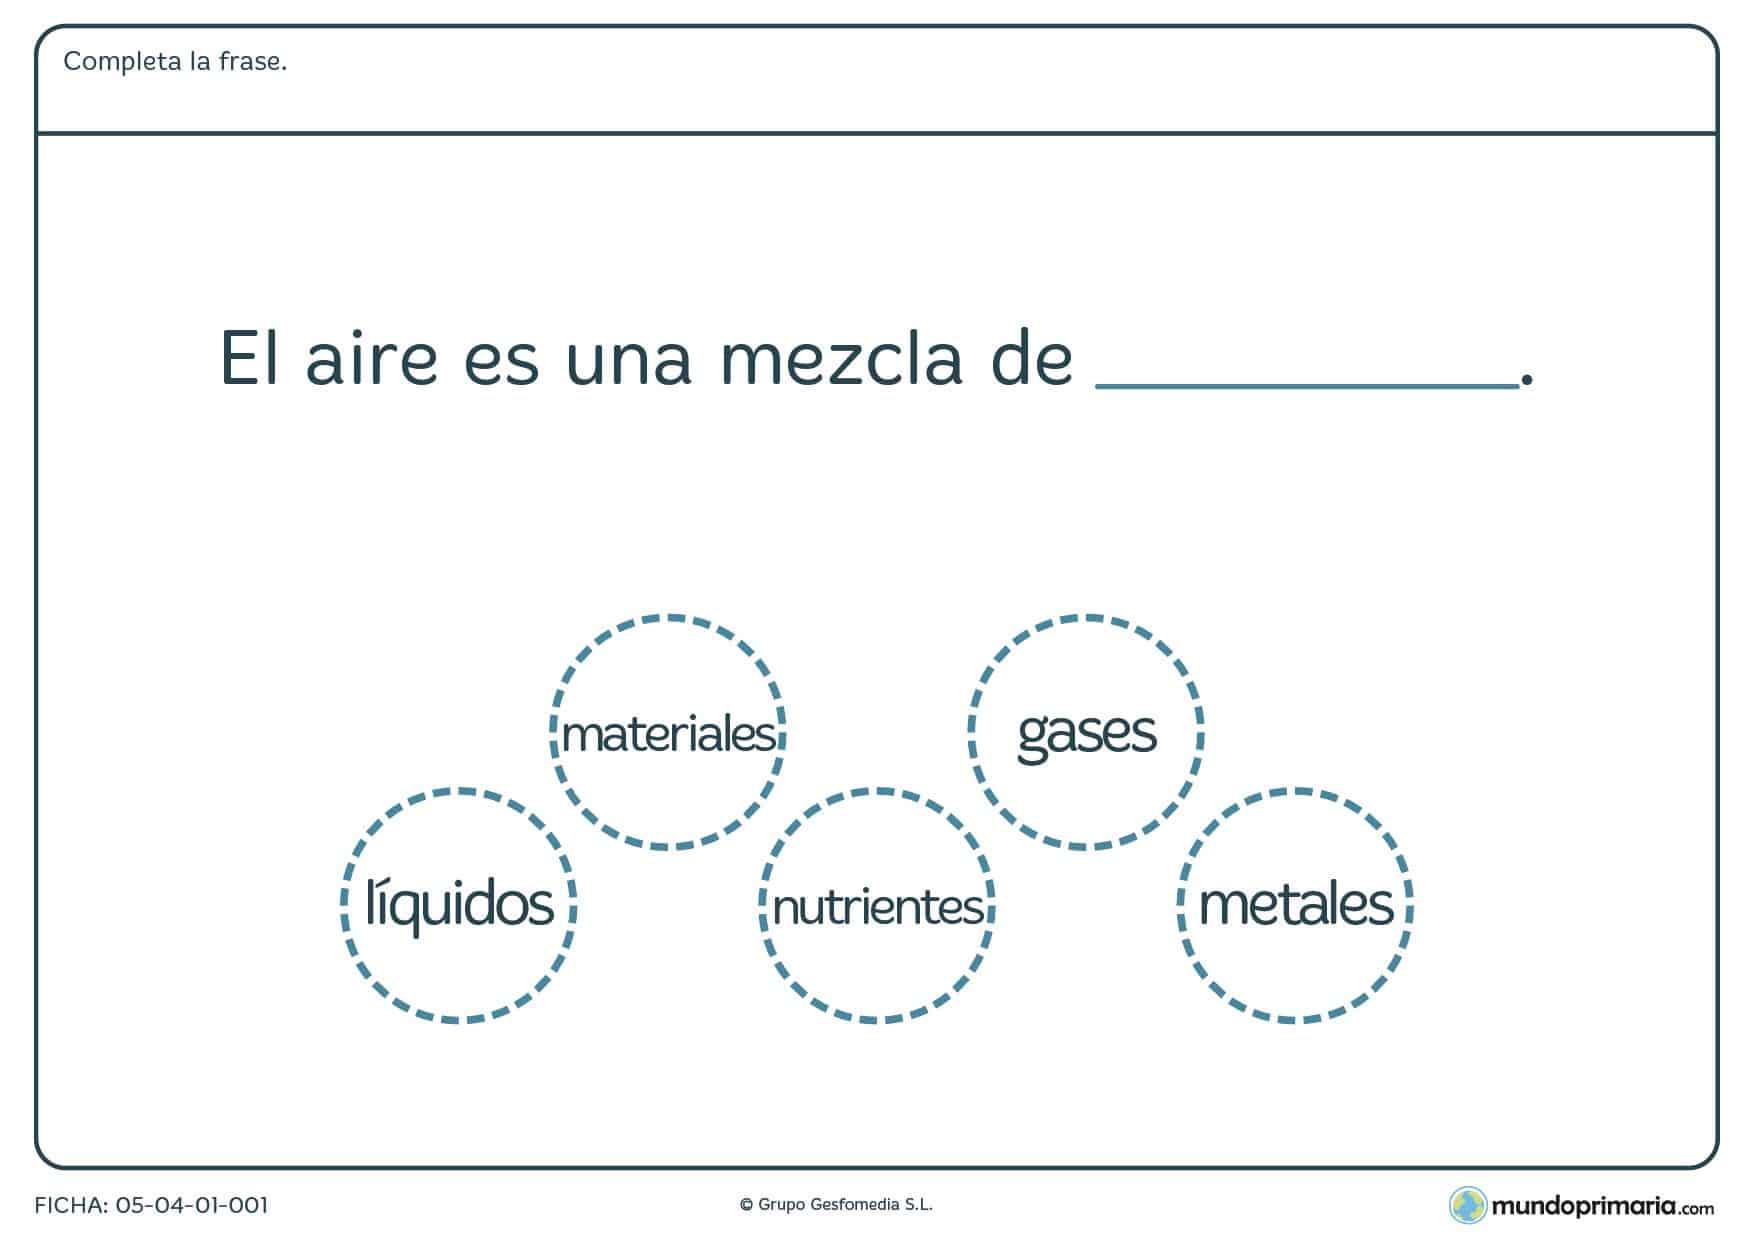 Ficha del aire en la que debes completar una frase sobre el aire y su composición.